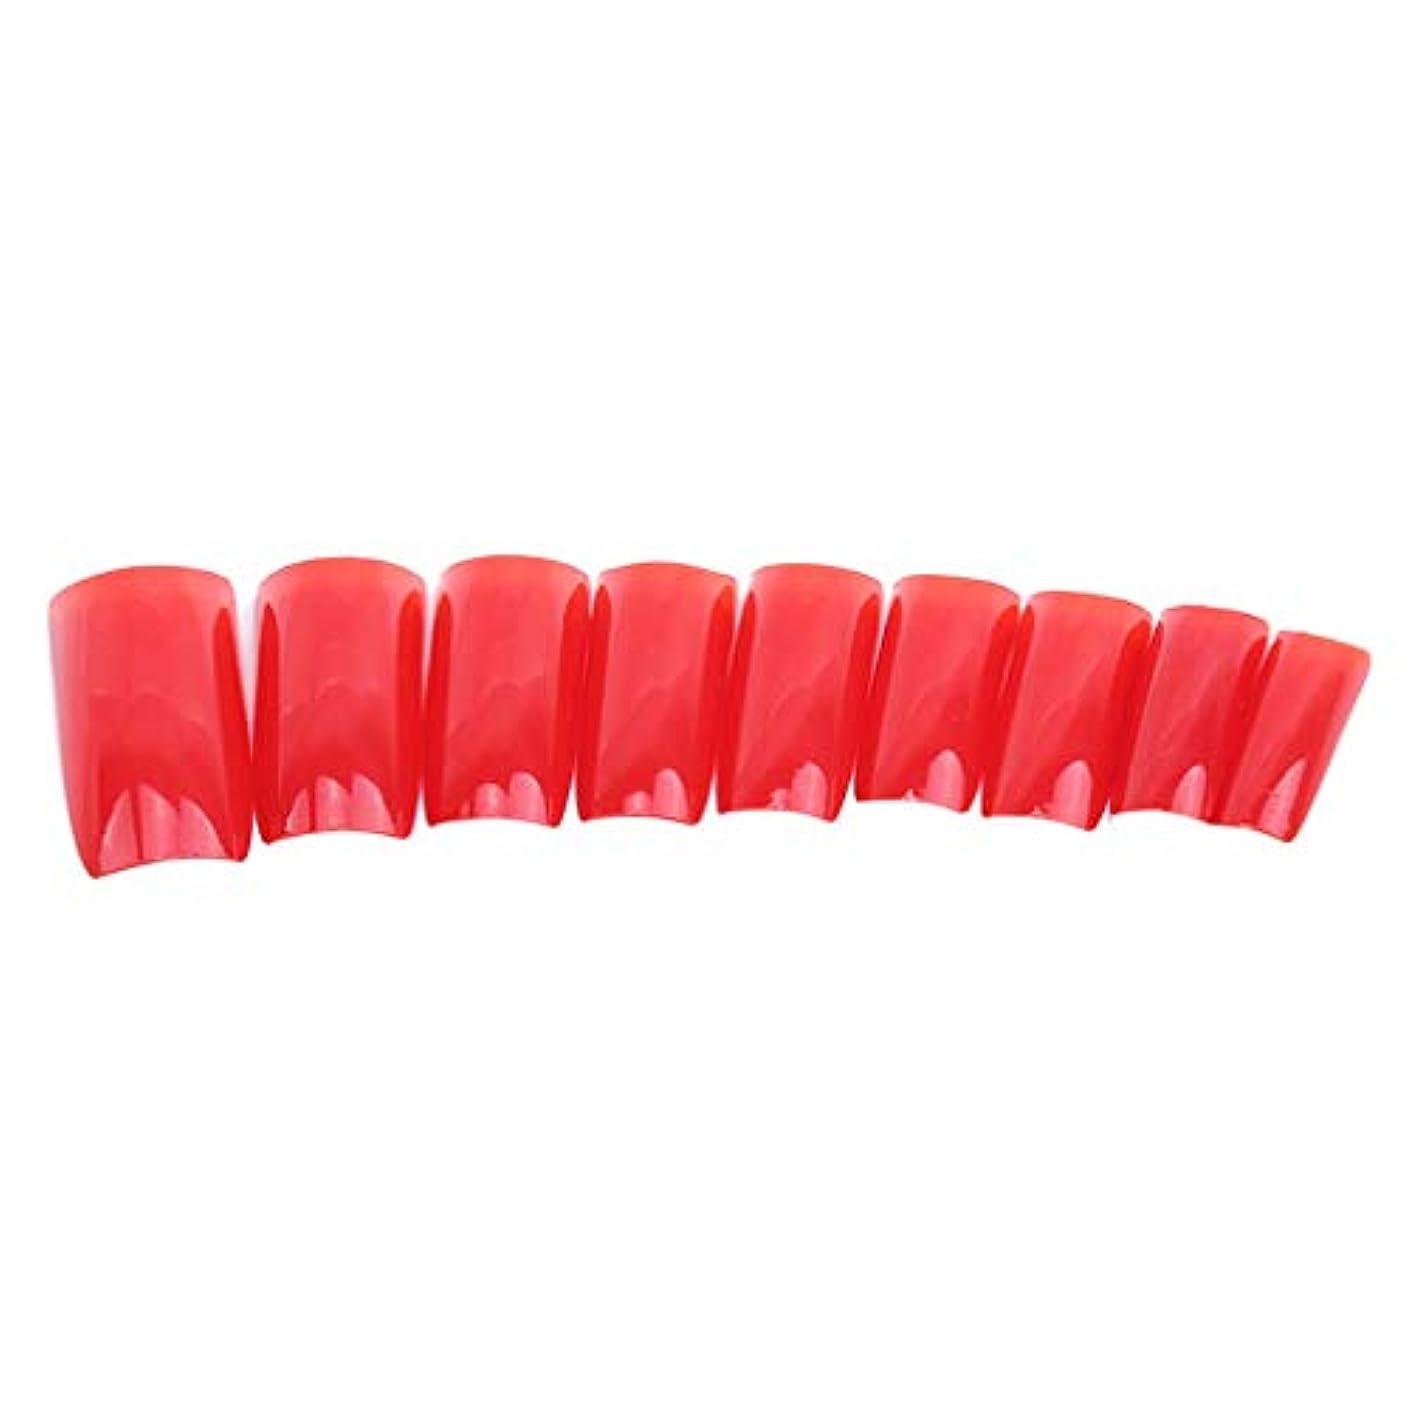 つかいます合体袋火の色 ネイルチップ ネイルケアツール 短い爪 つけ爪 シンプル ネイルアート 結婚式 パーティー 二次会 赤色